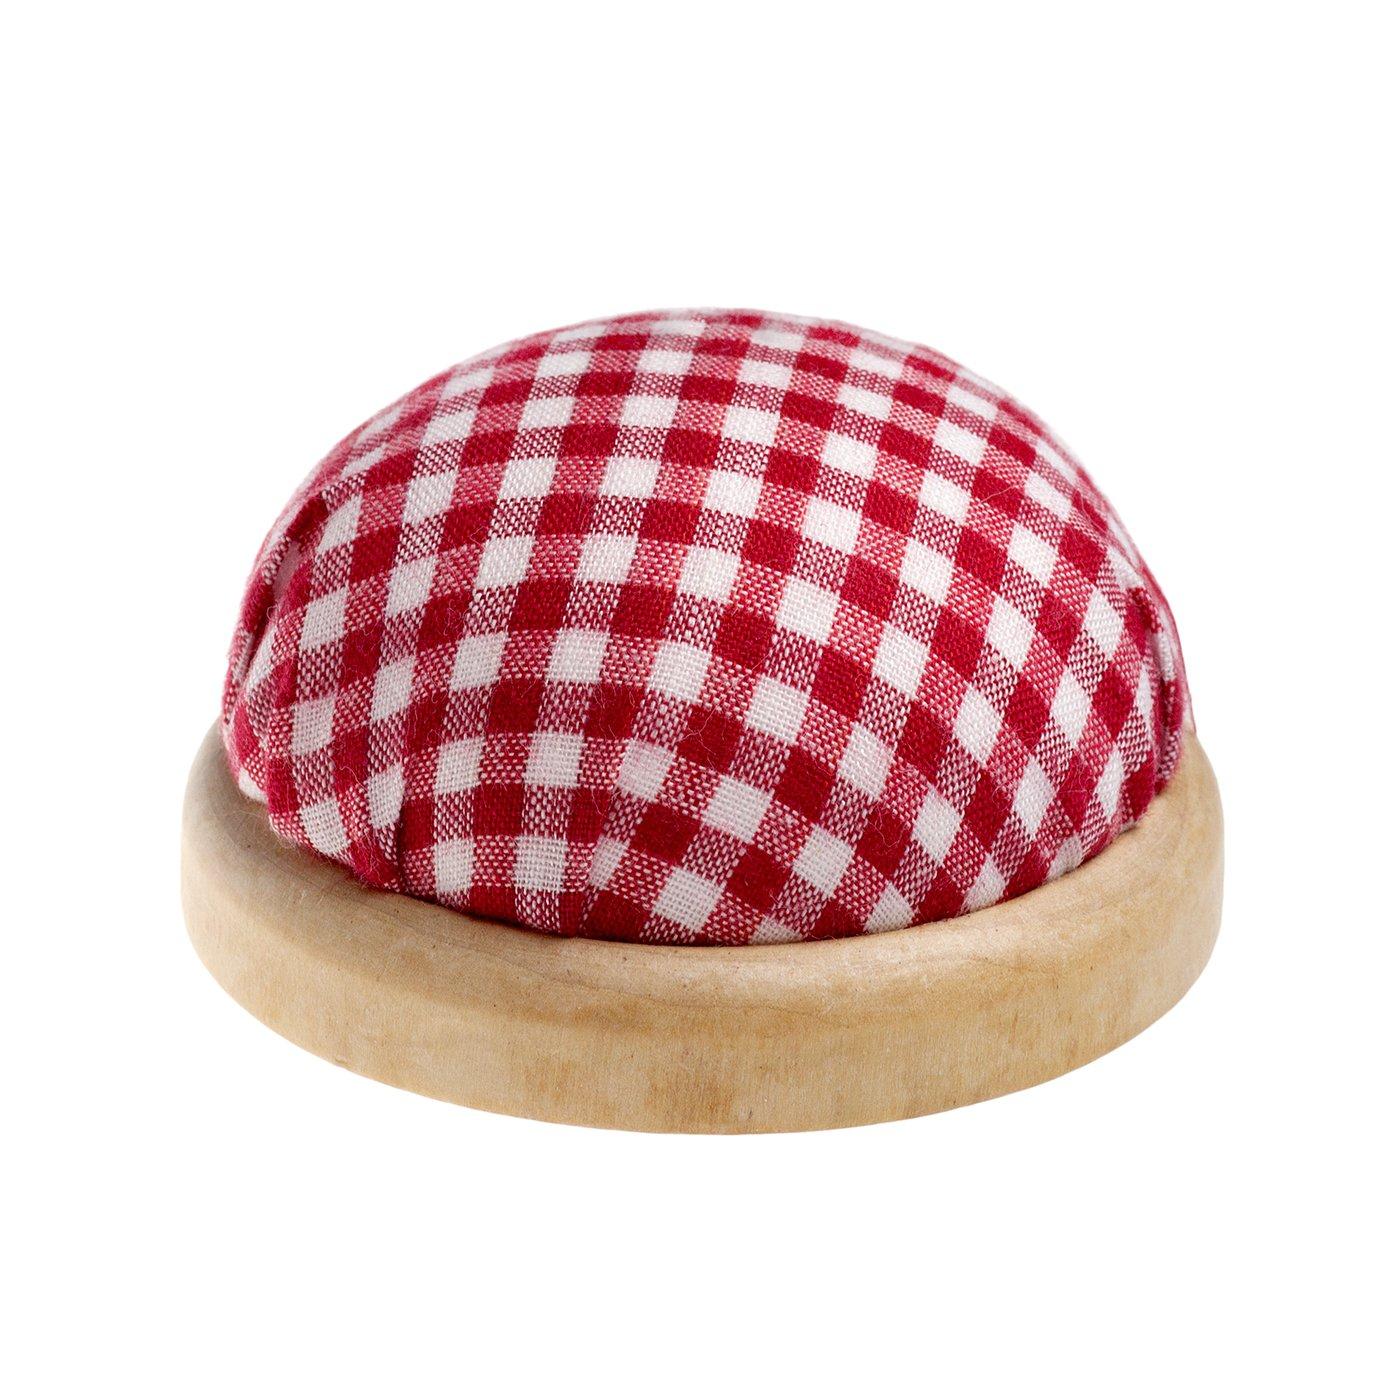 rundes Tisch - Nadelkissen mit Heller Holzumrandung, Farbe: rot & weiß (Kariertes Muster)